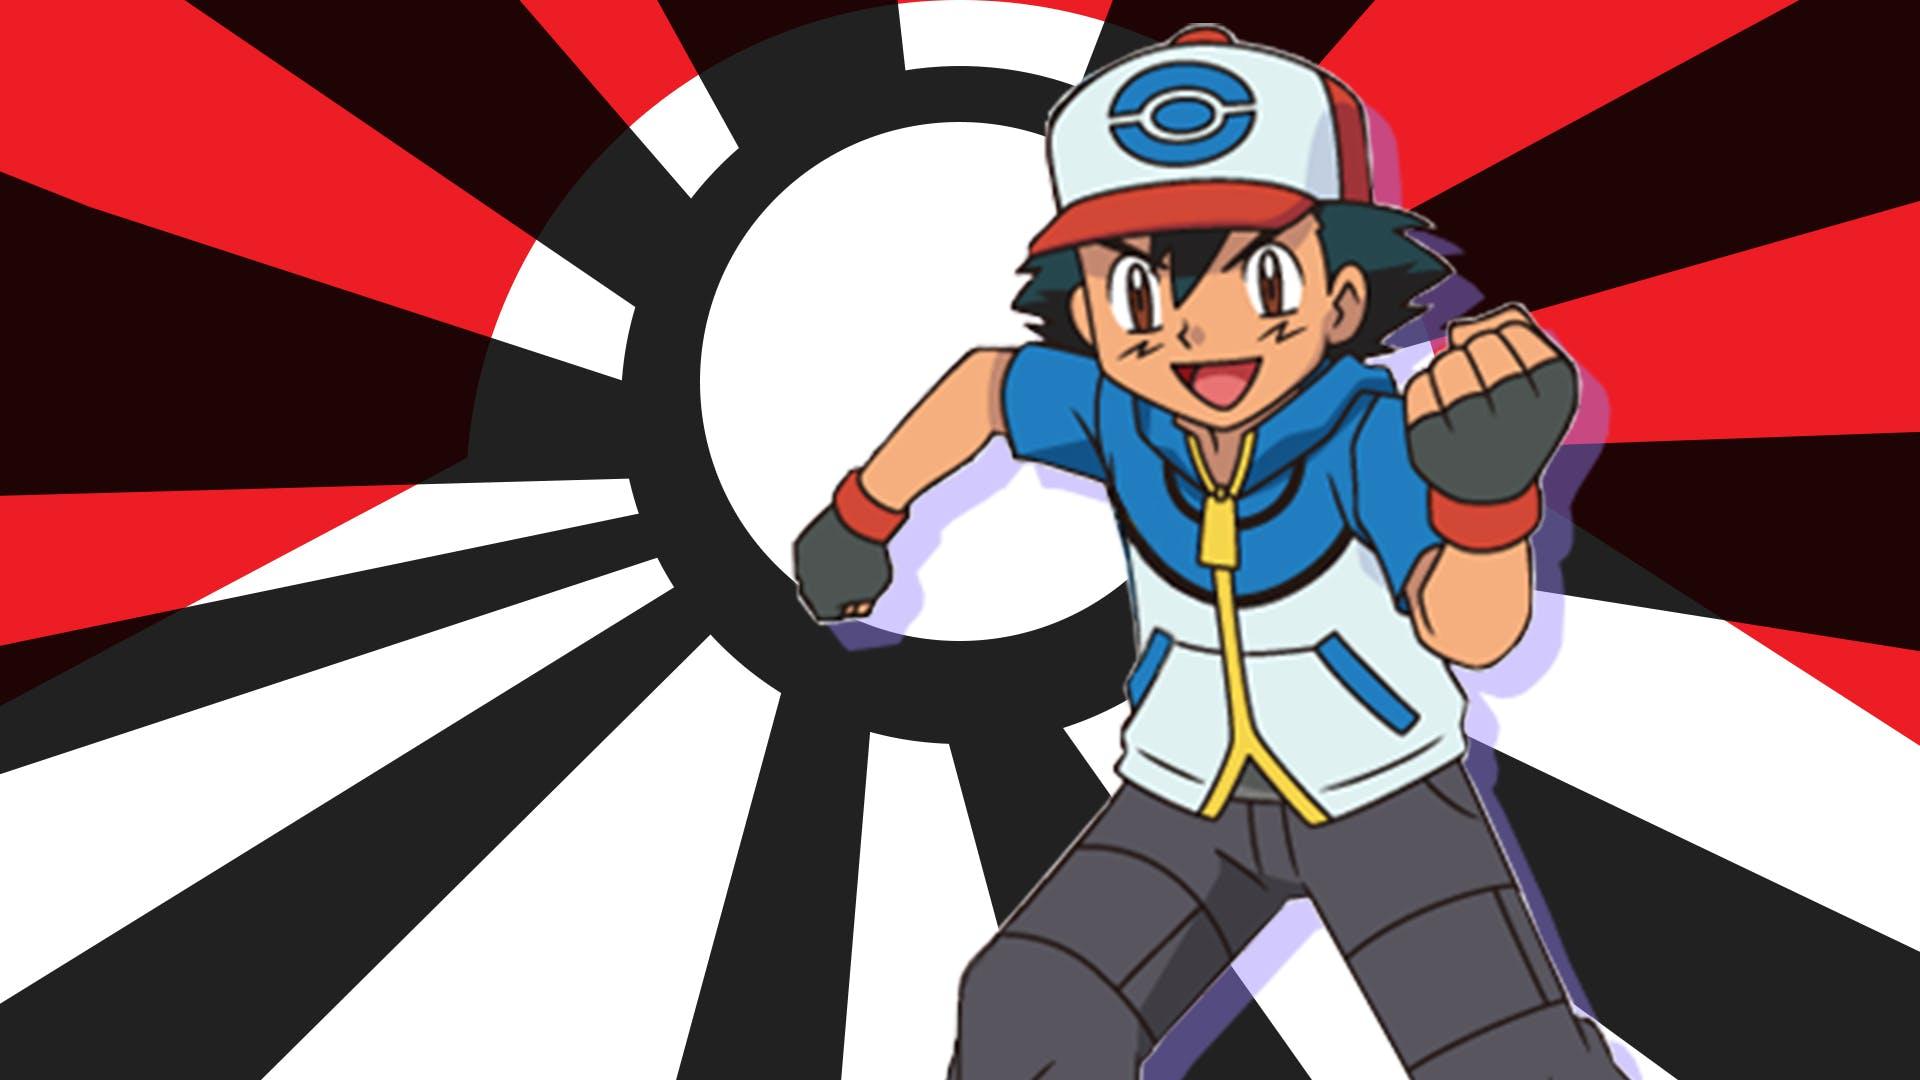 Ash from Pokémon